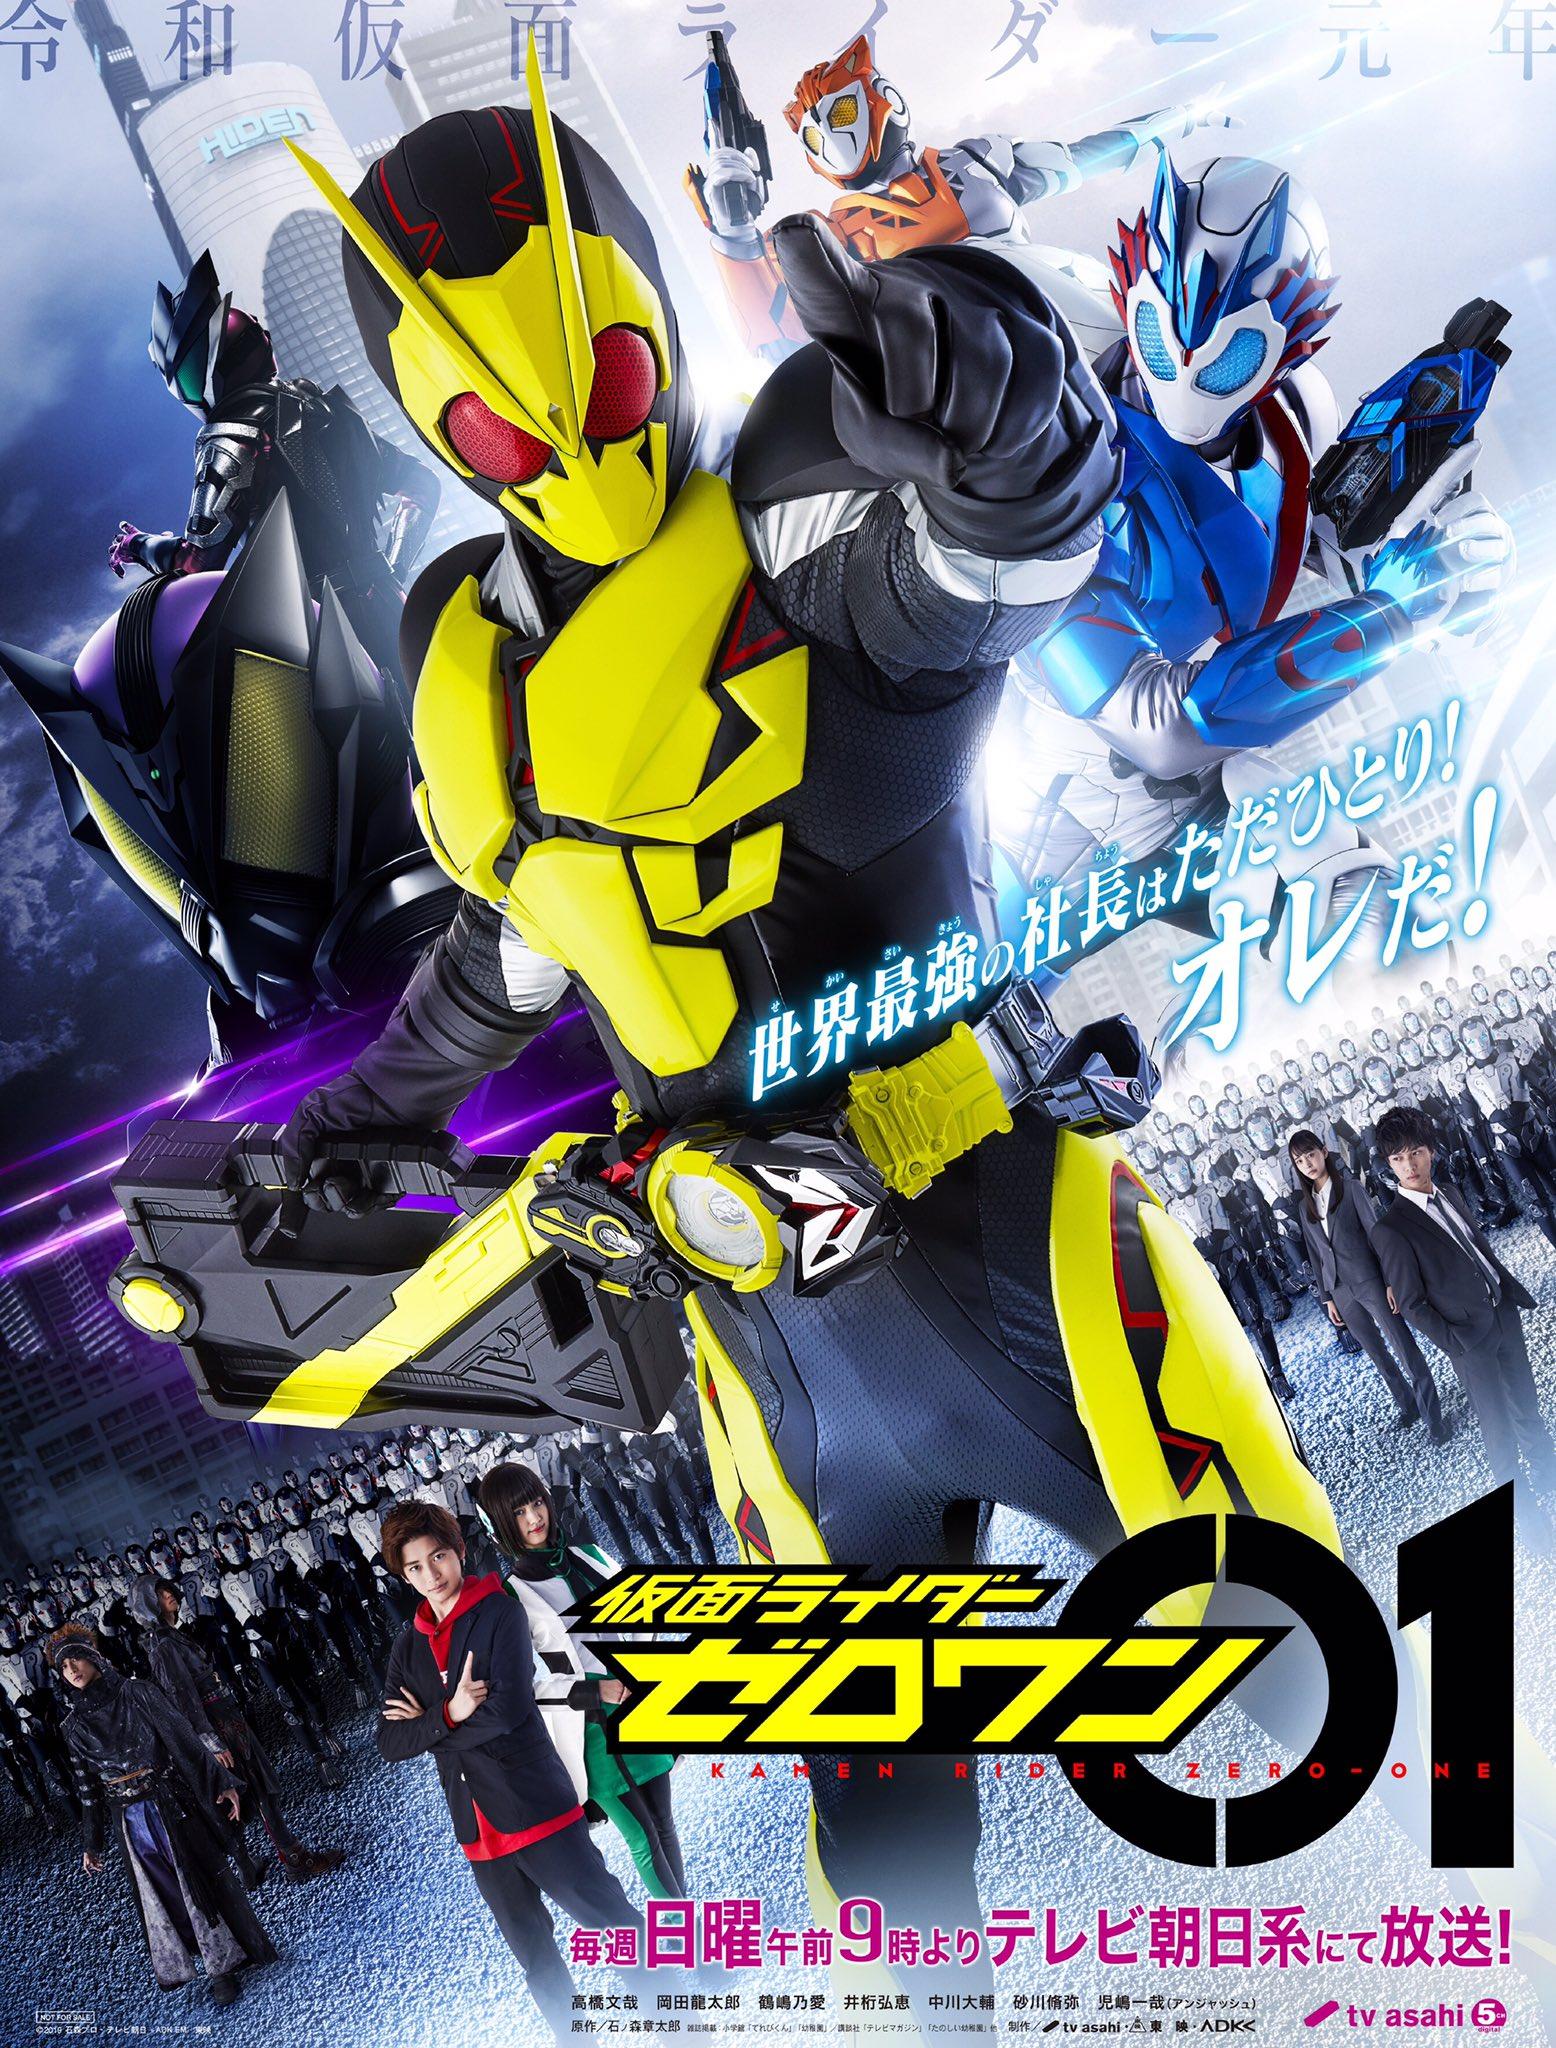 Kamen Rider Zero One Kamen Rider Wiki Fandom Powered By